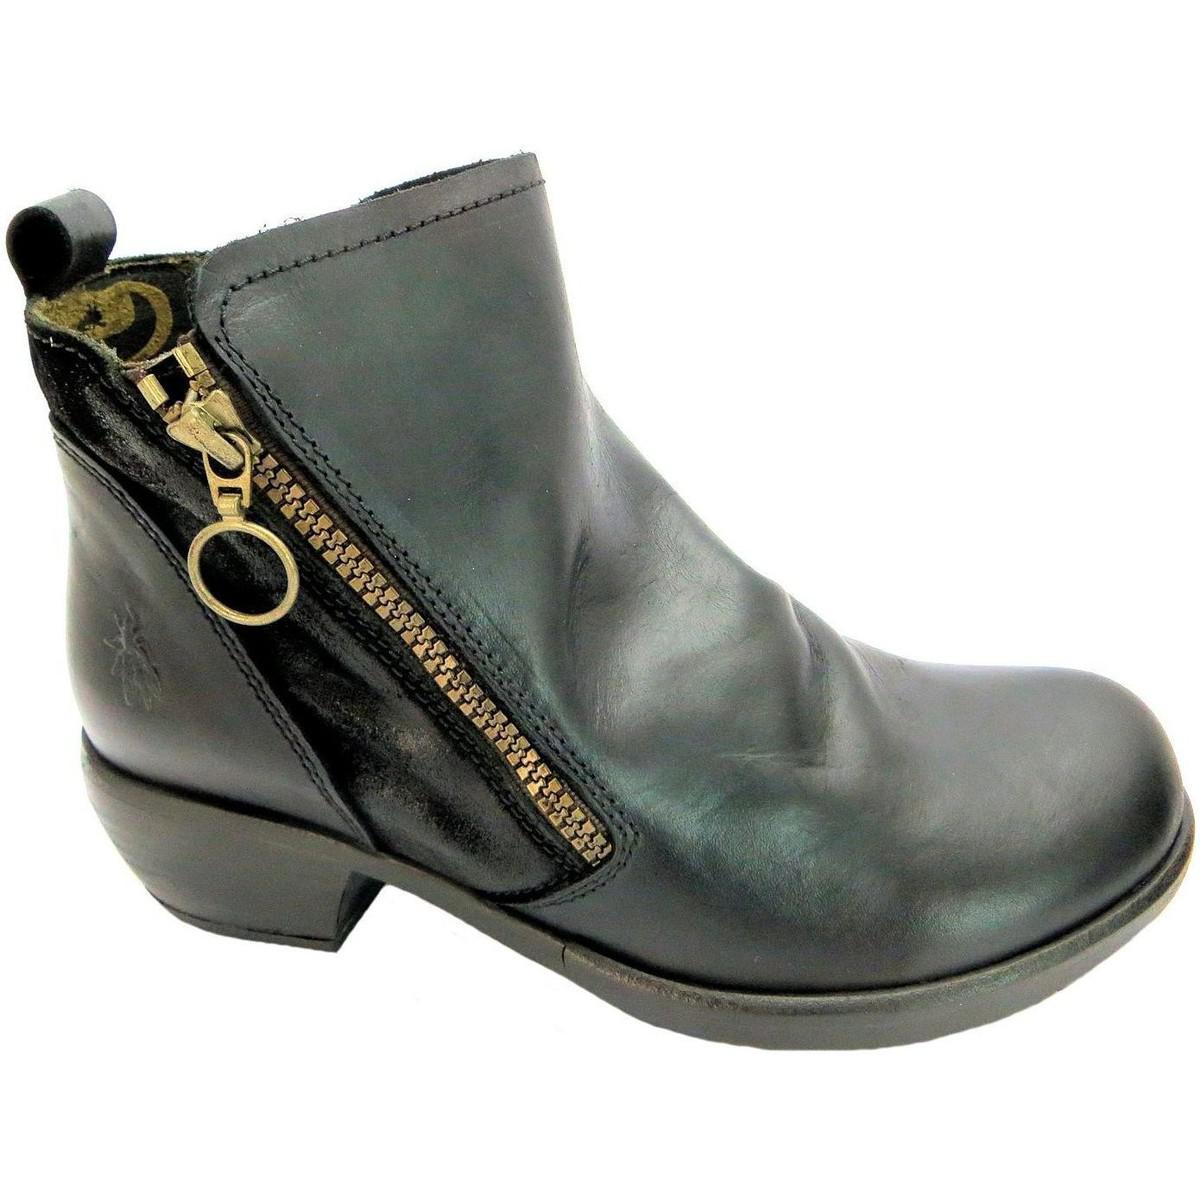 55ba81976362 Fly London Meli Women s Mid Boots In Black in Black - Lyst